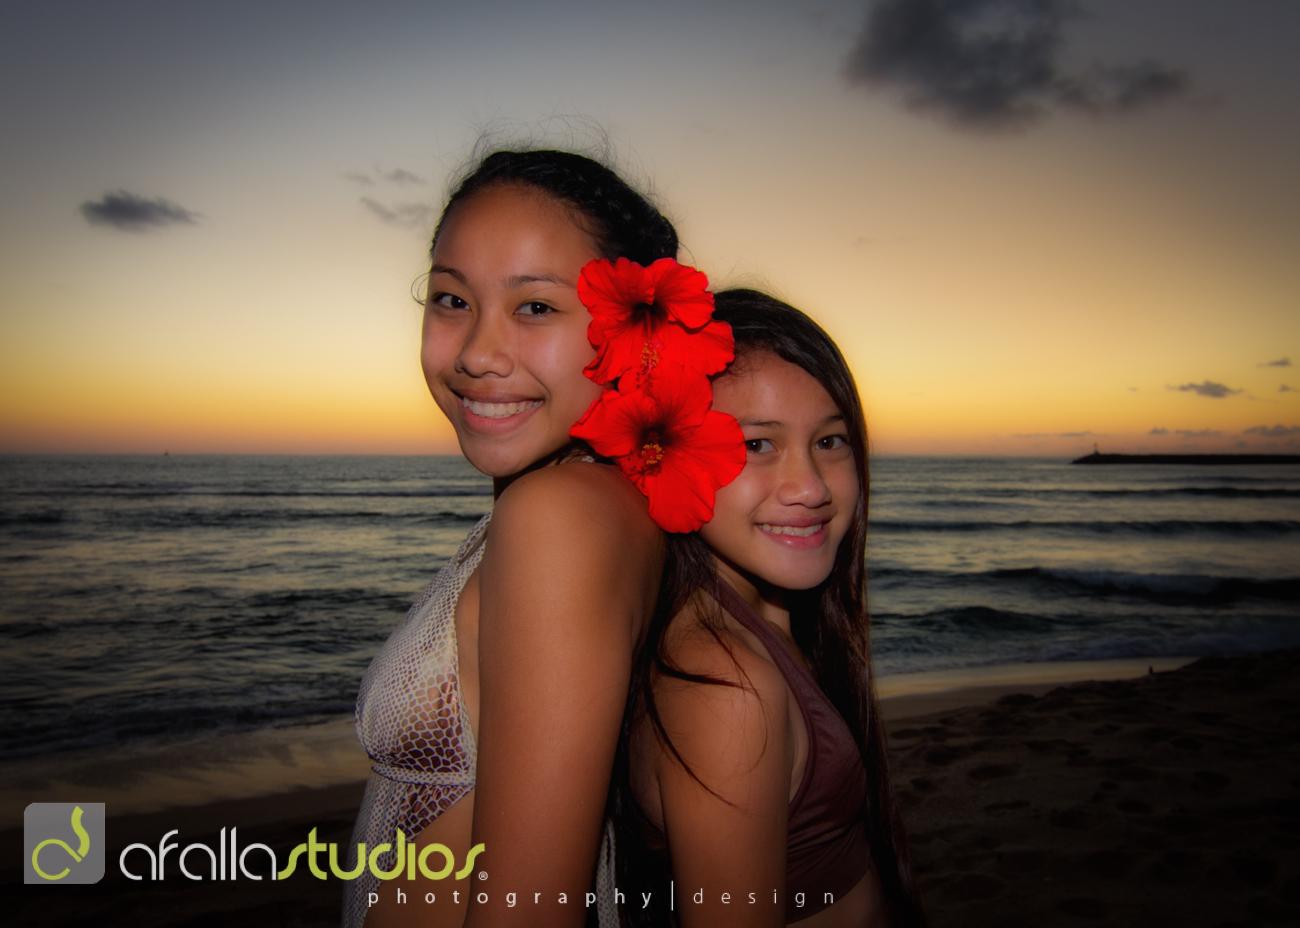 dallas_children_portraits-5.jpg